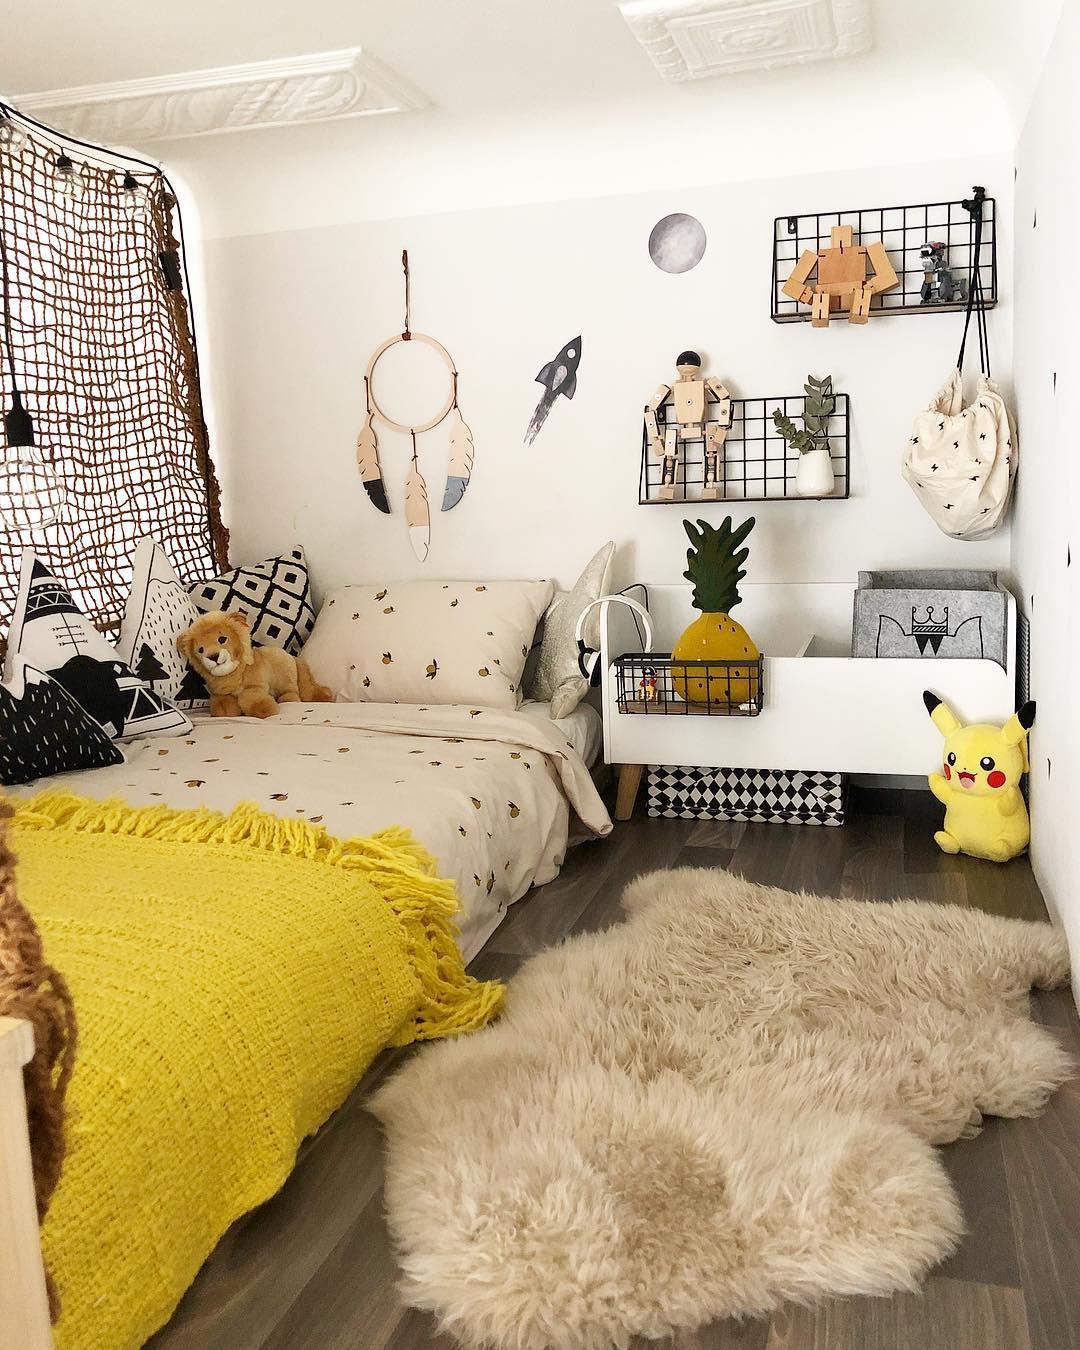 couleur pastel intérieur mezzanine bois tapis fourrure étagère jouet blanc filet marron - blog déco - clem around the corner